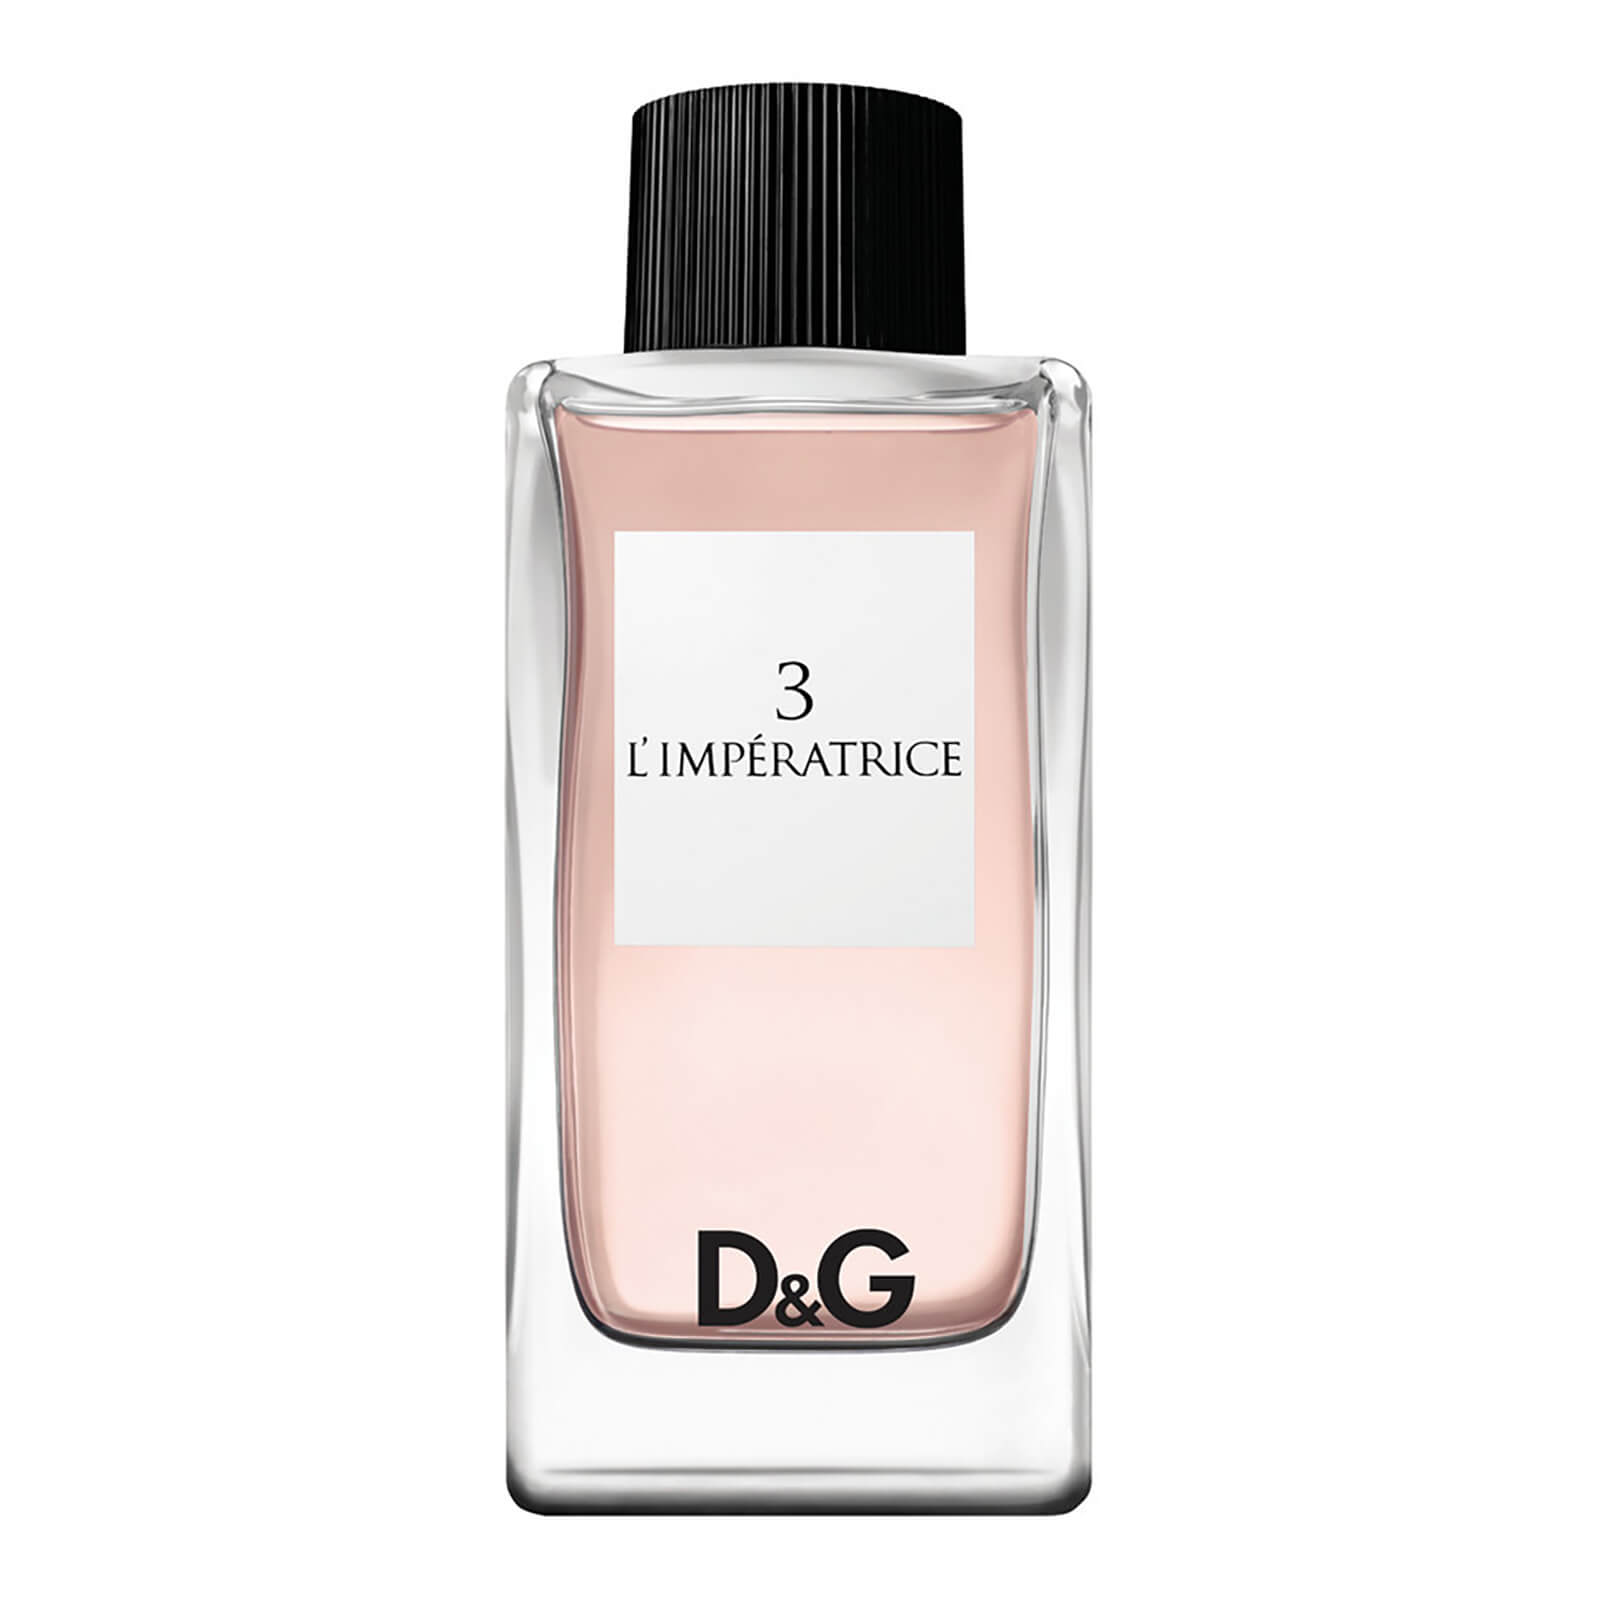 Image of Dolce & Gabbana 3-L'Imperatrice Eau de Toilette 100ml